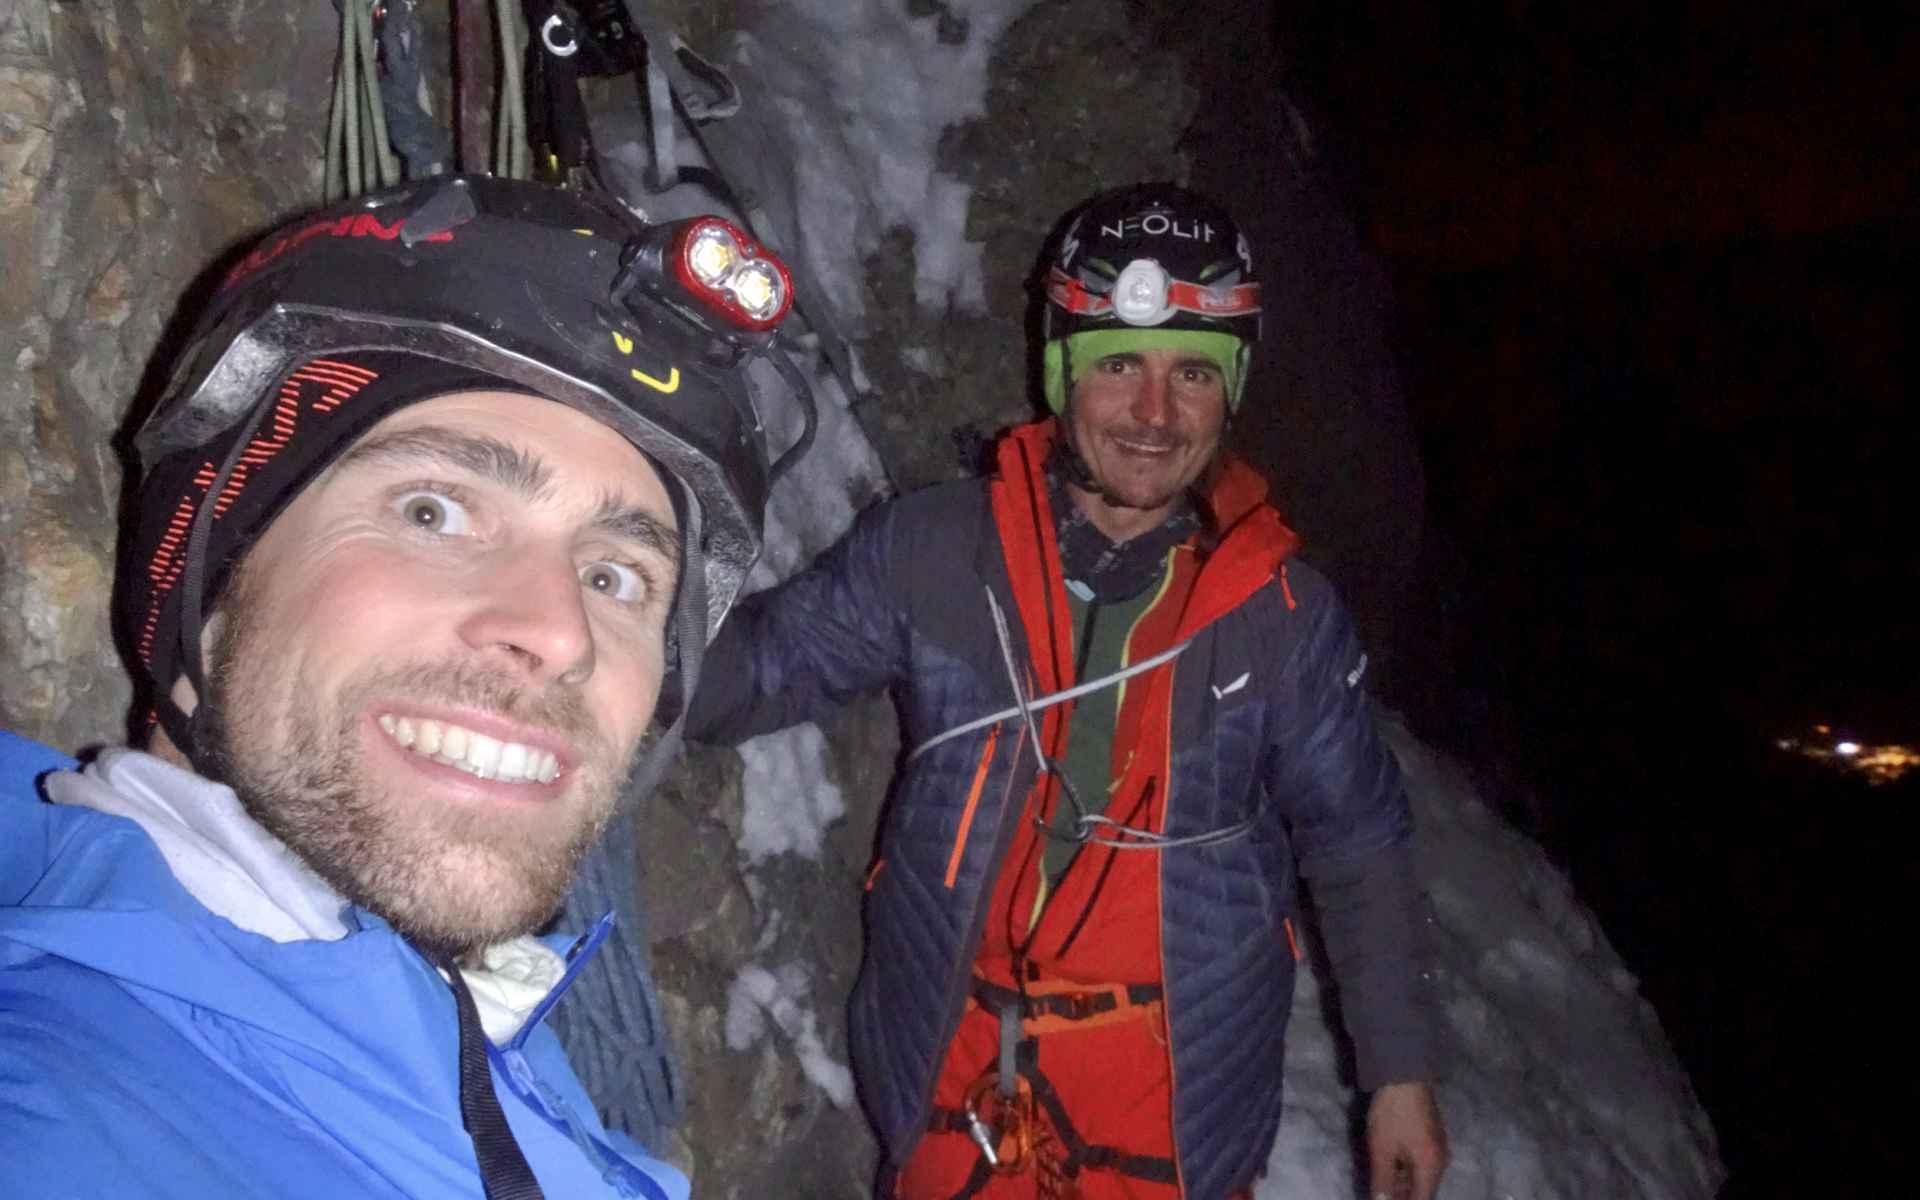 Na een paar dagen van voorbereiding klommen de twee professionele klimmers op 16 december weer de wand op.